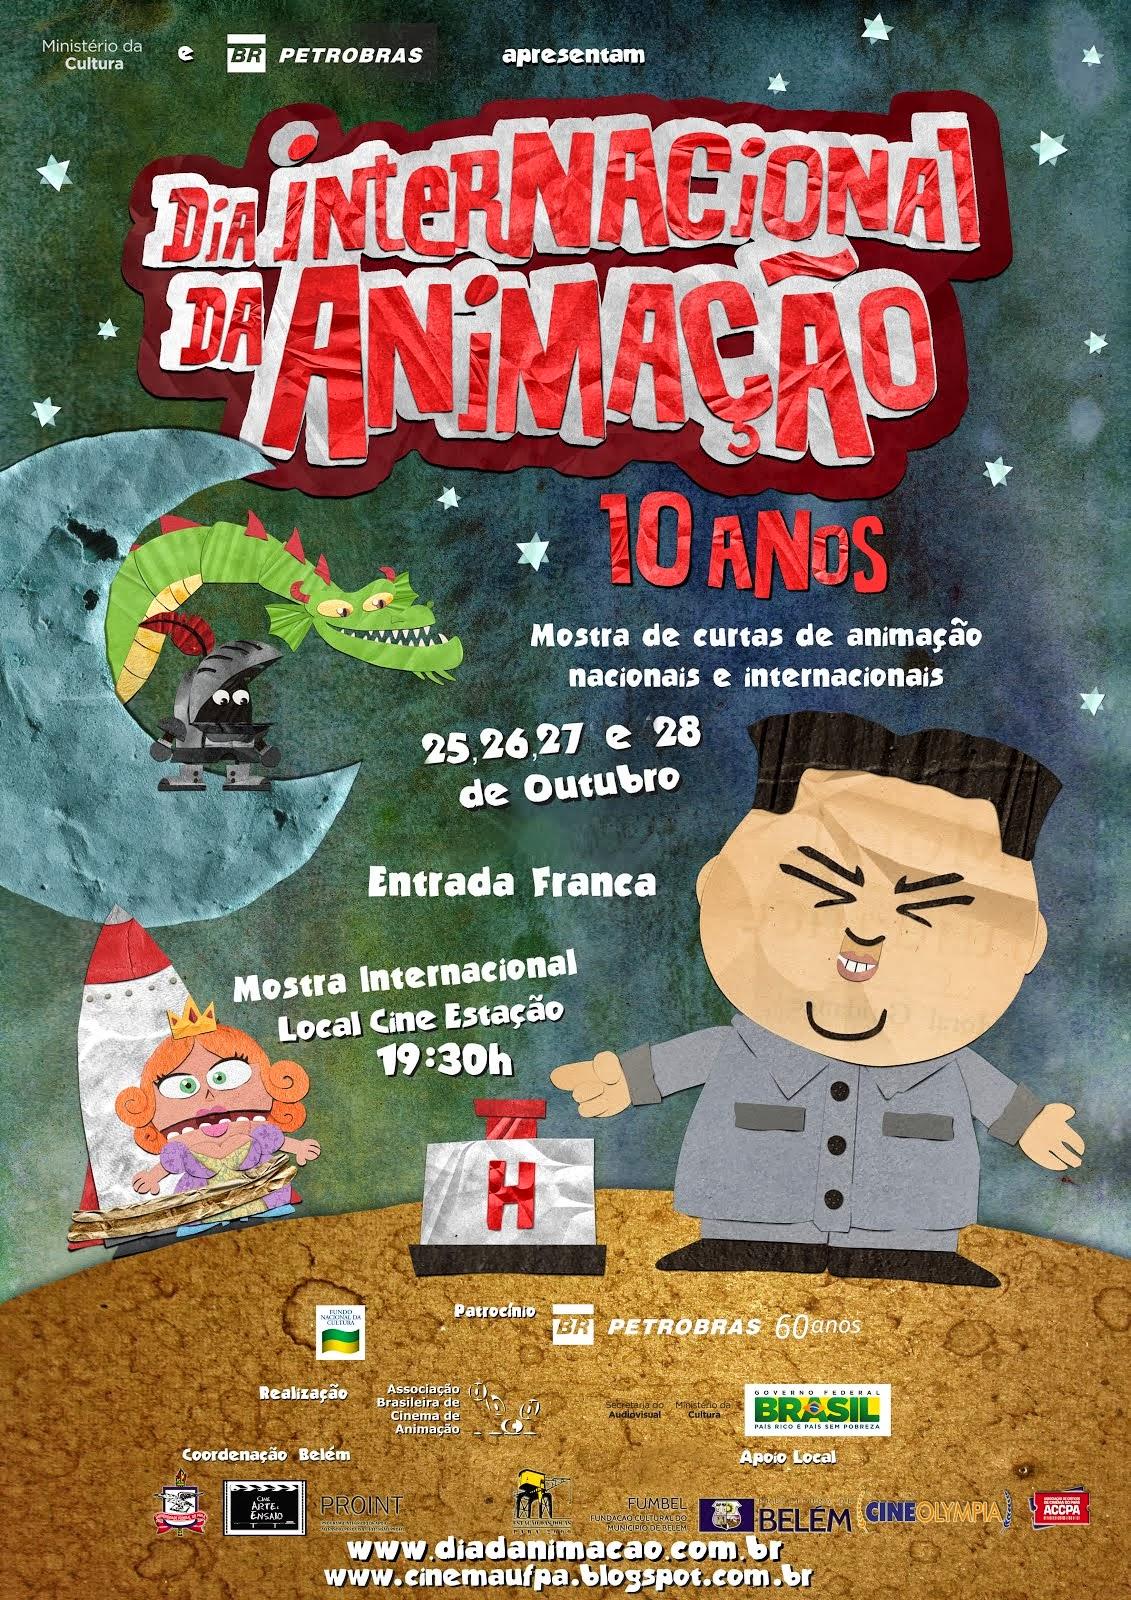 Dia Internacional da Animação 2013